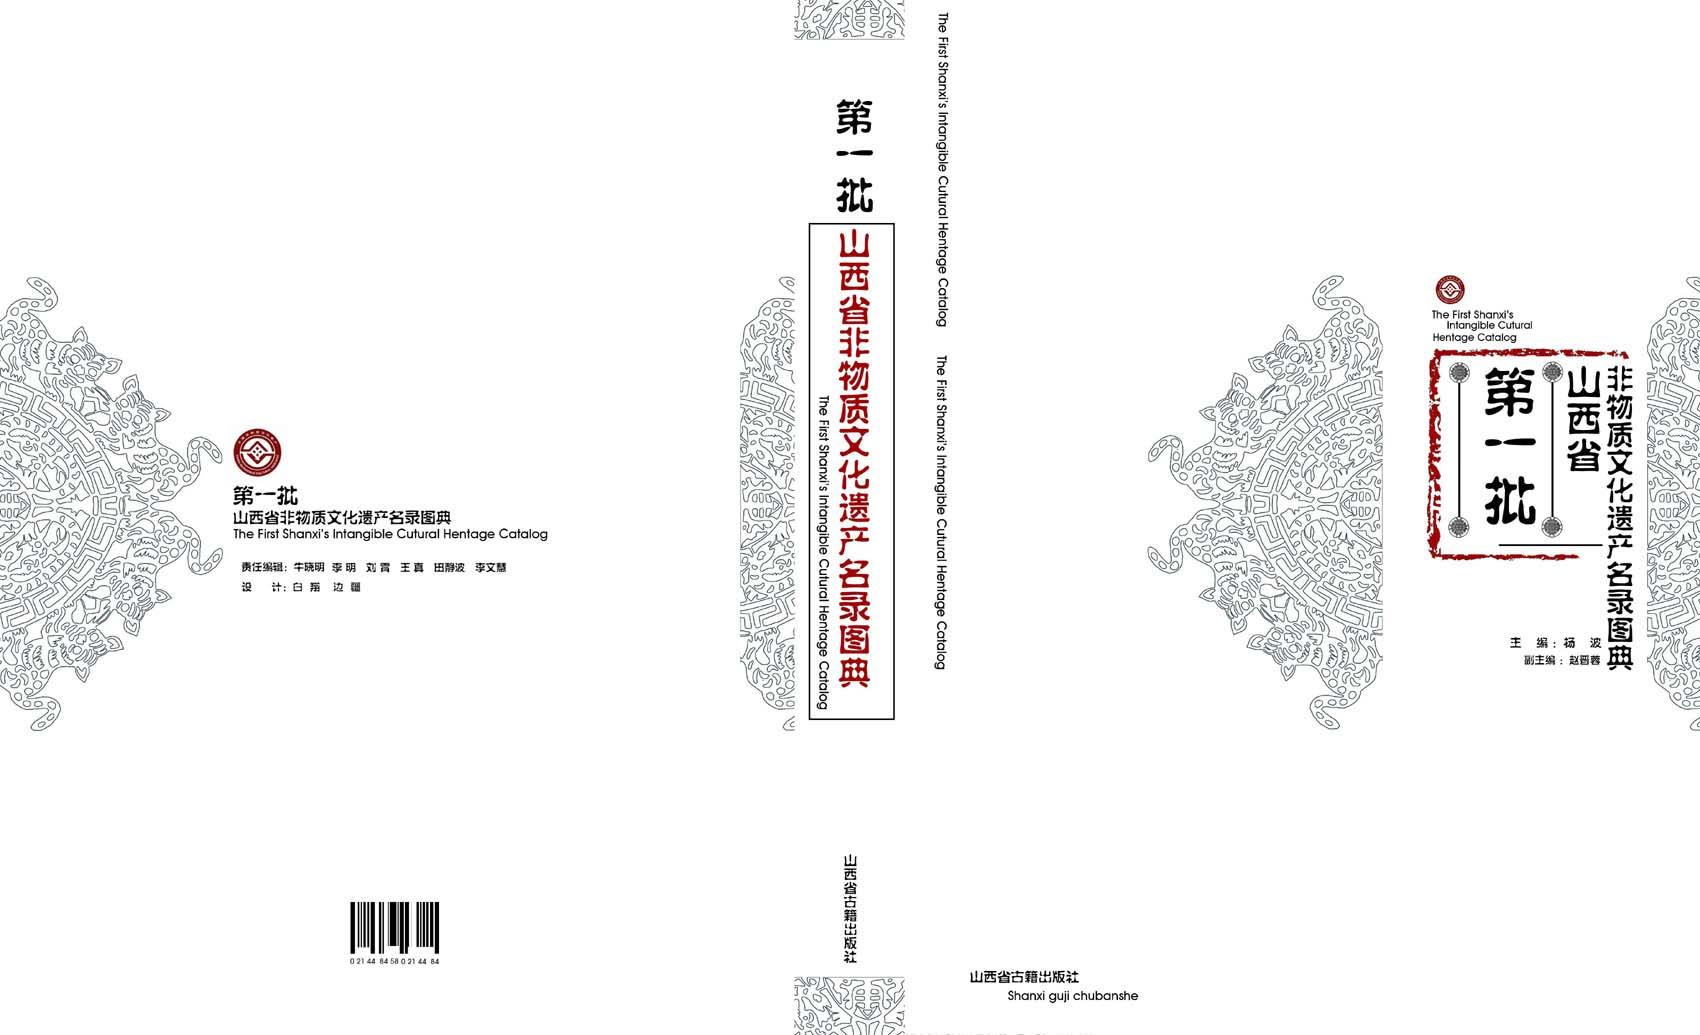 图典封面制作未定稿003副本01.jpg